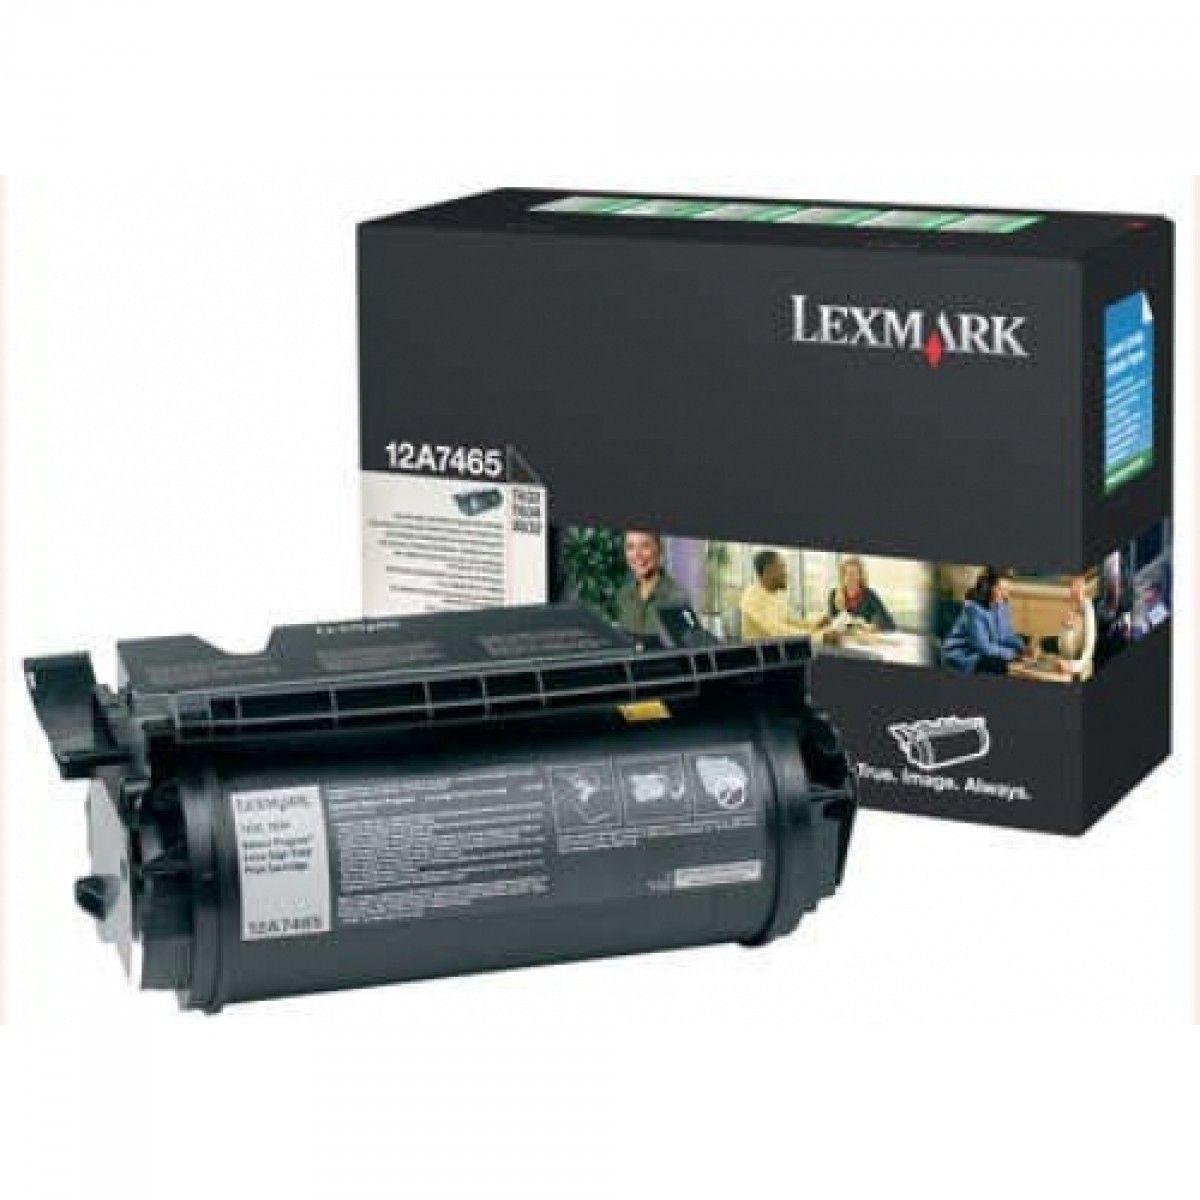 Toner Lexmark Preto - 12A7465